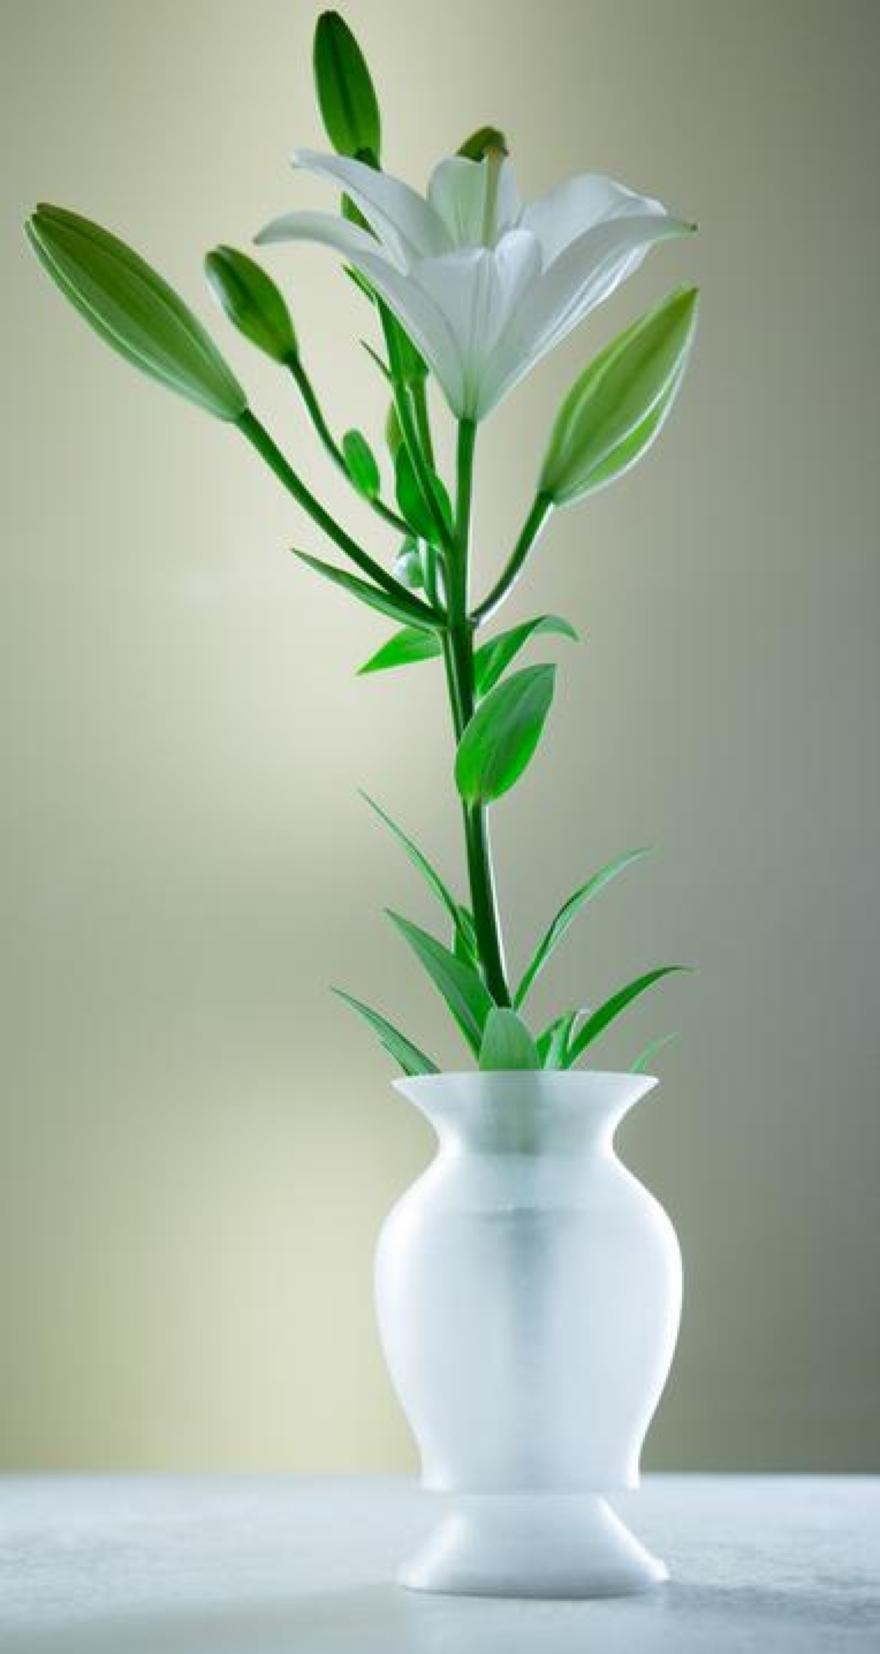 Vasi da fiori 3d printed anomaliy2 by inkinch 03